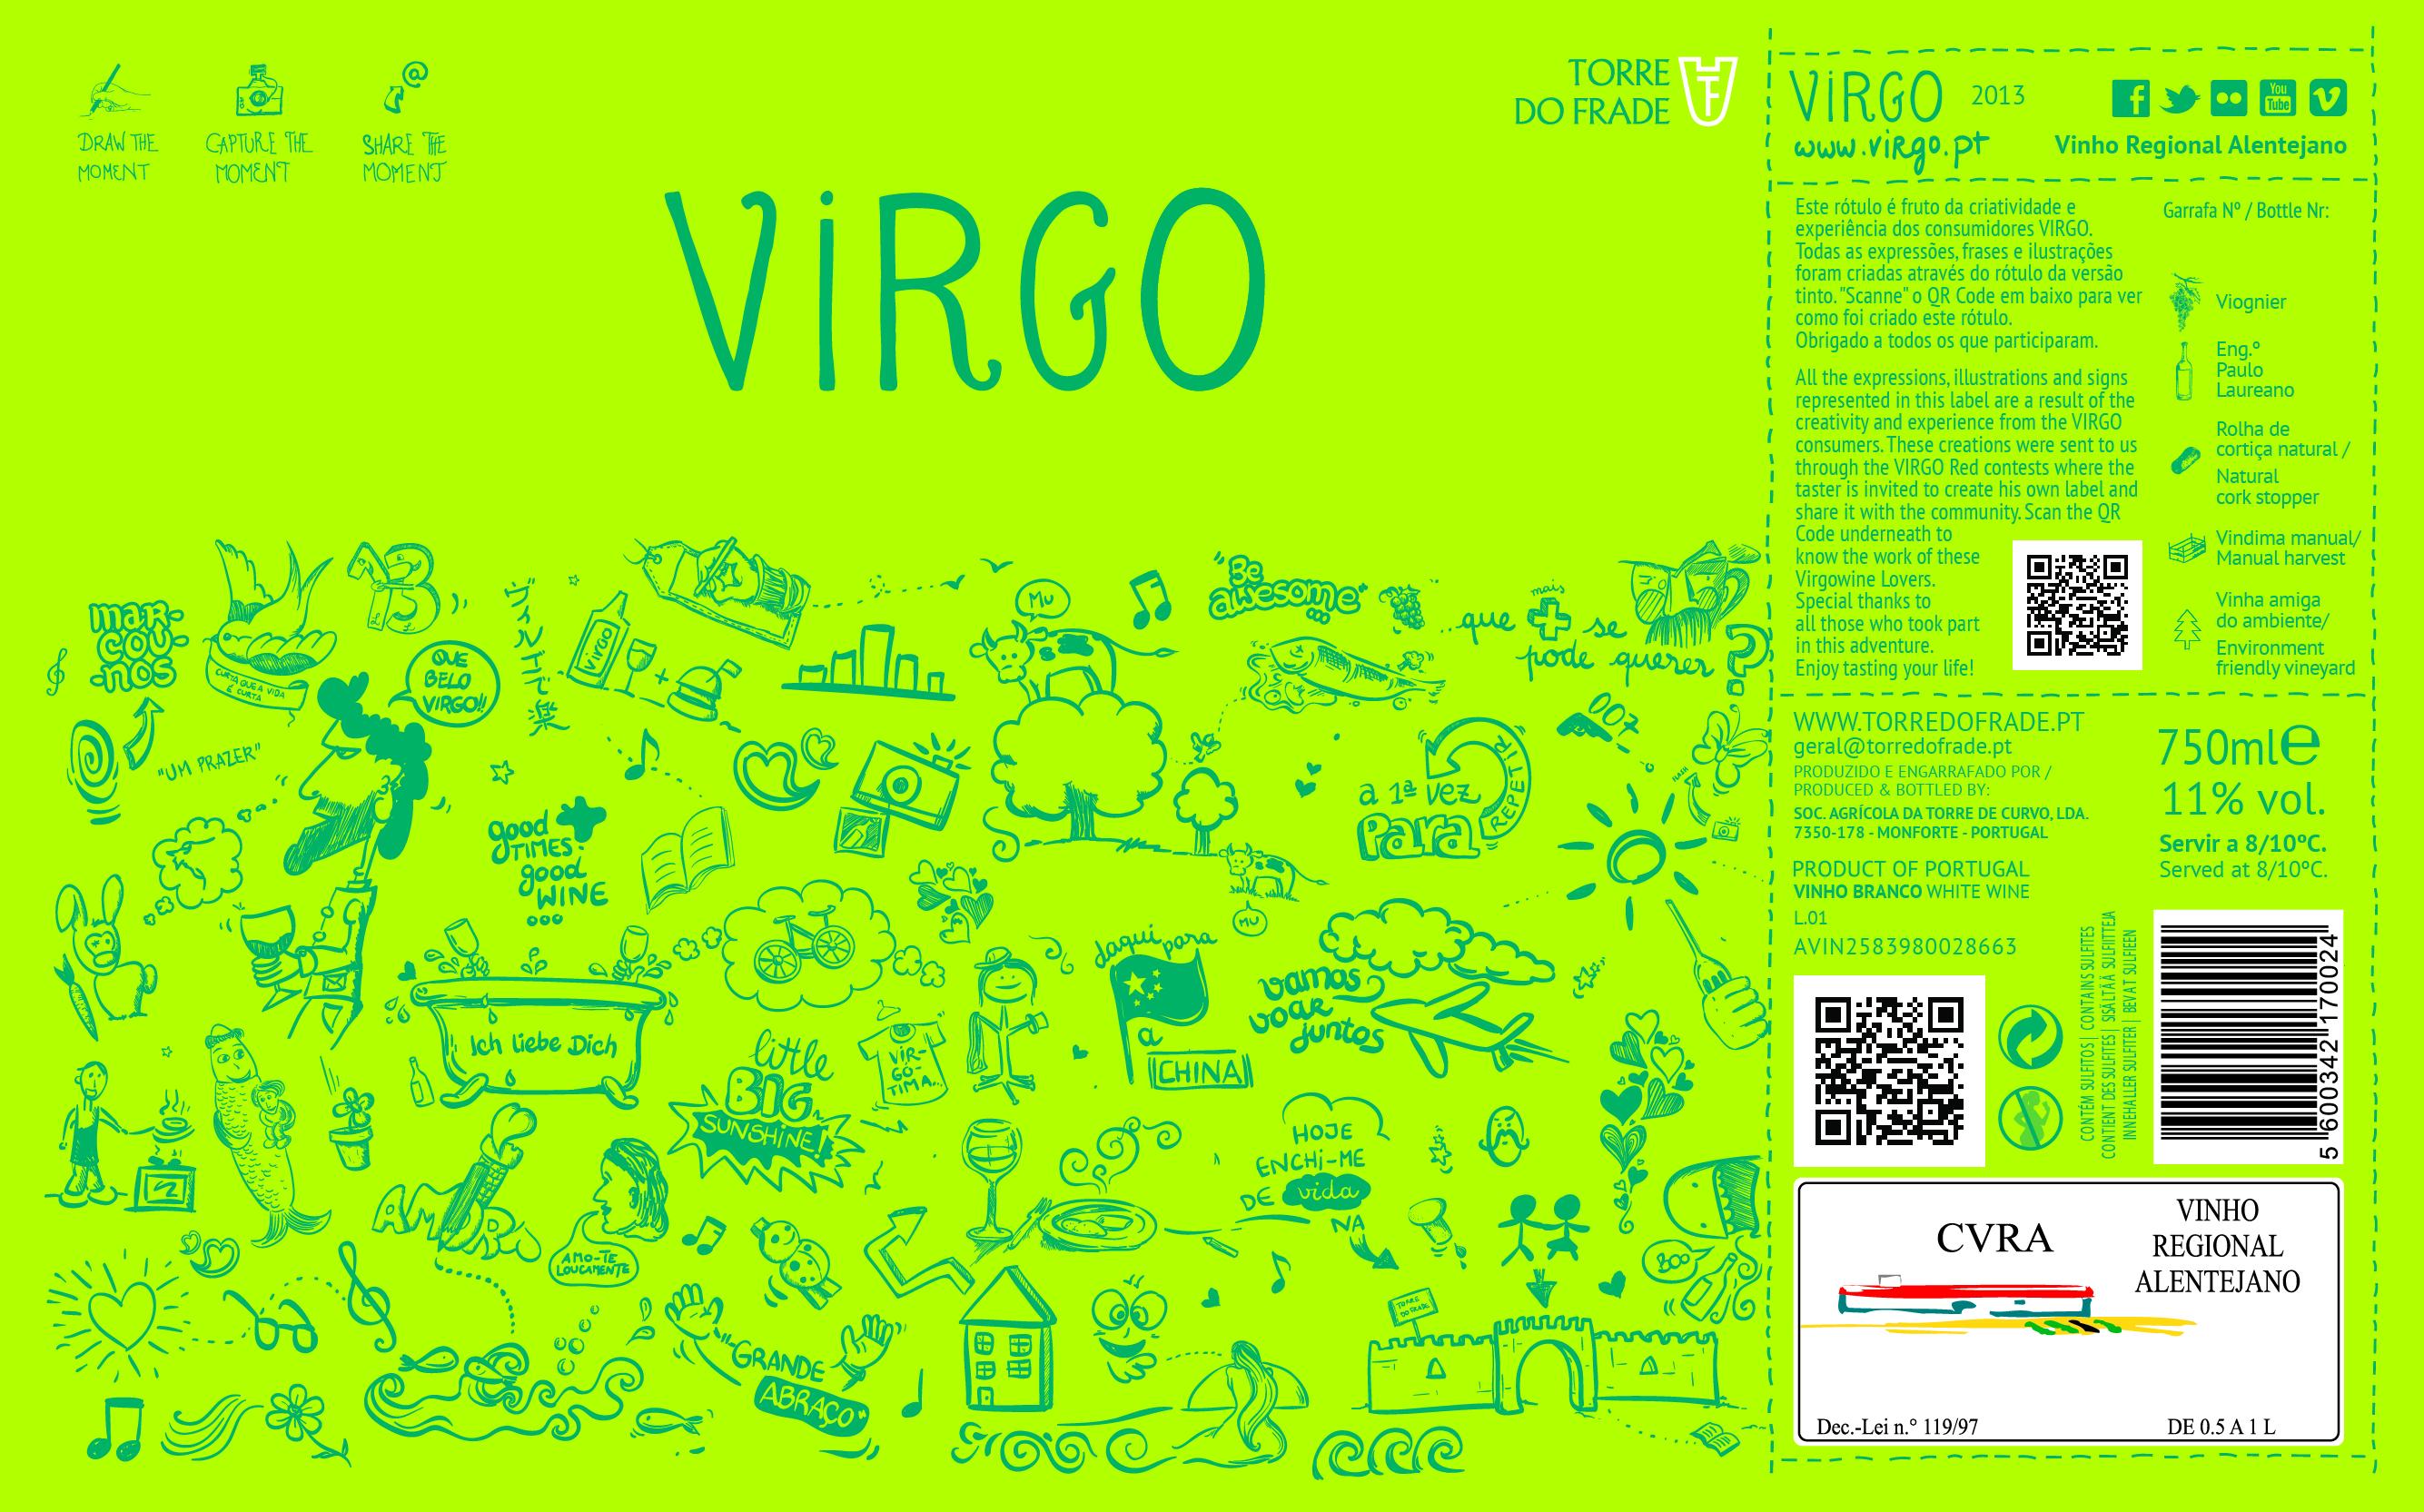 Rotulo_VIRGO_Branco_2013_Alterado_QR_Antigo-01